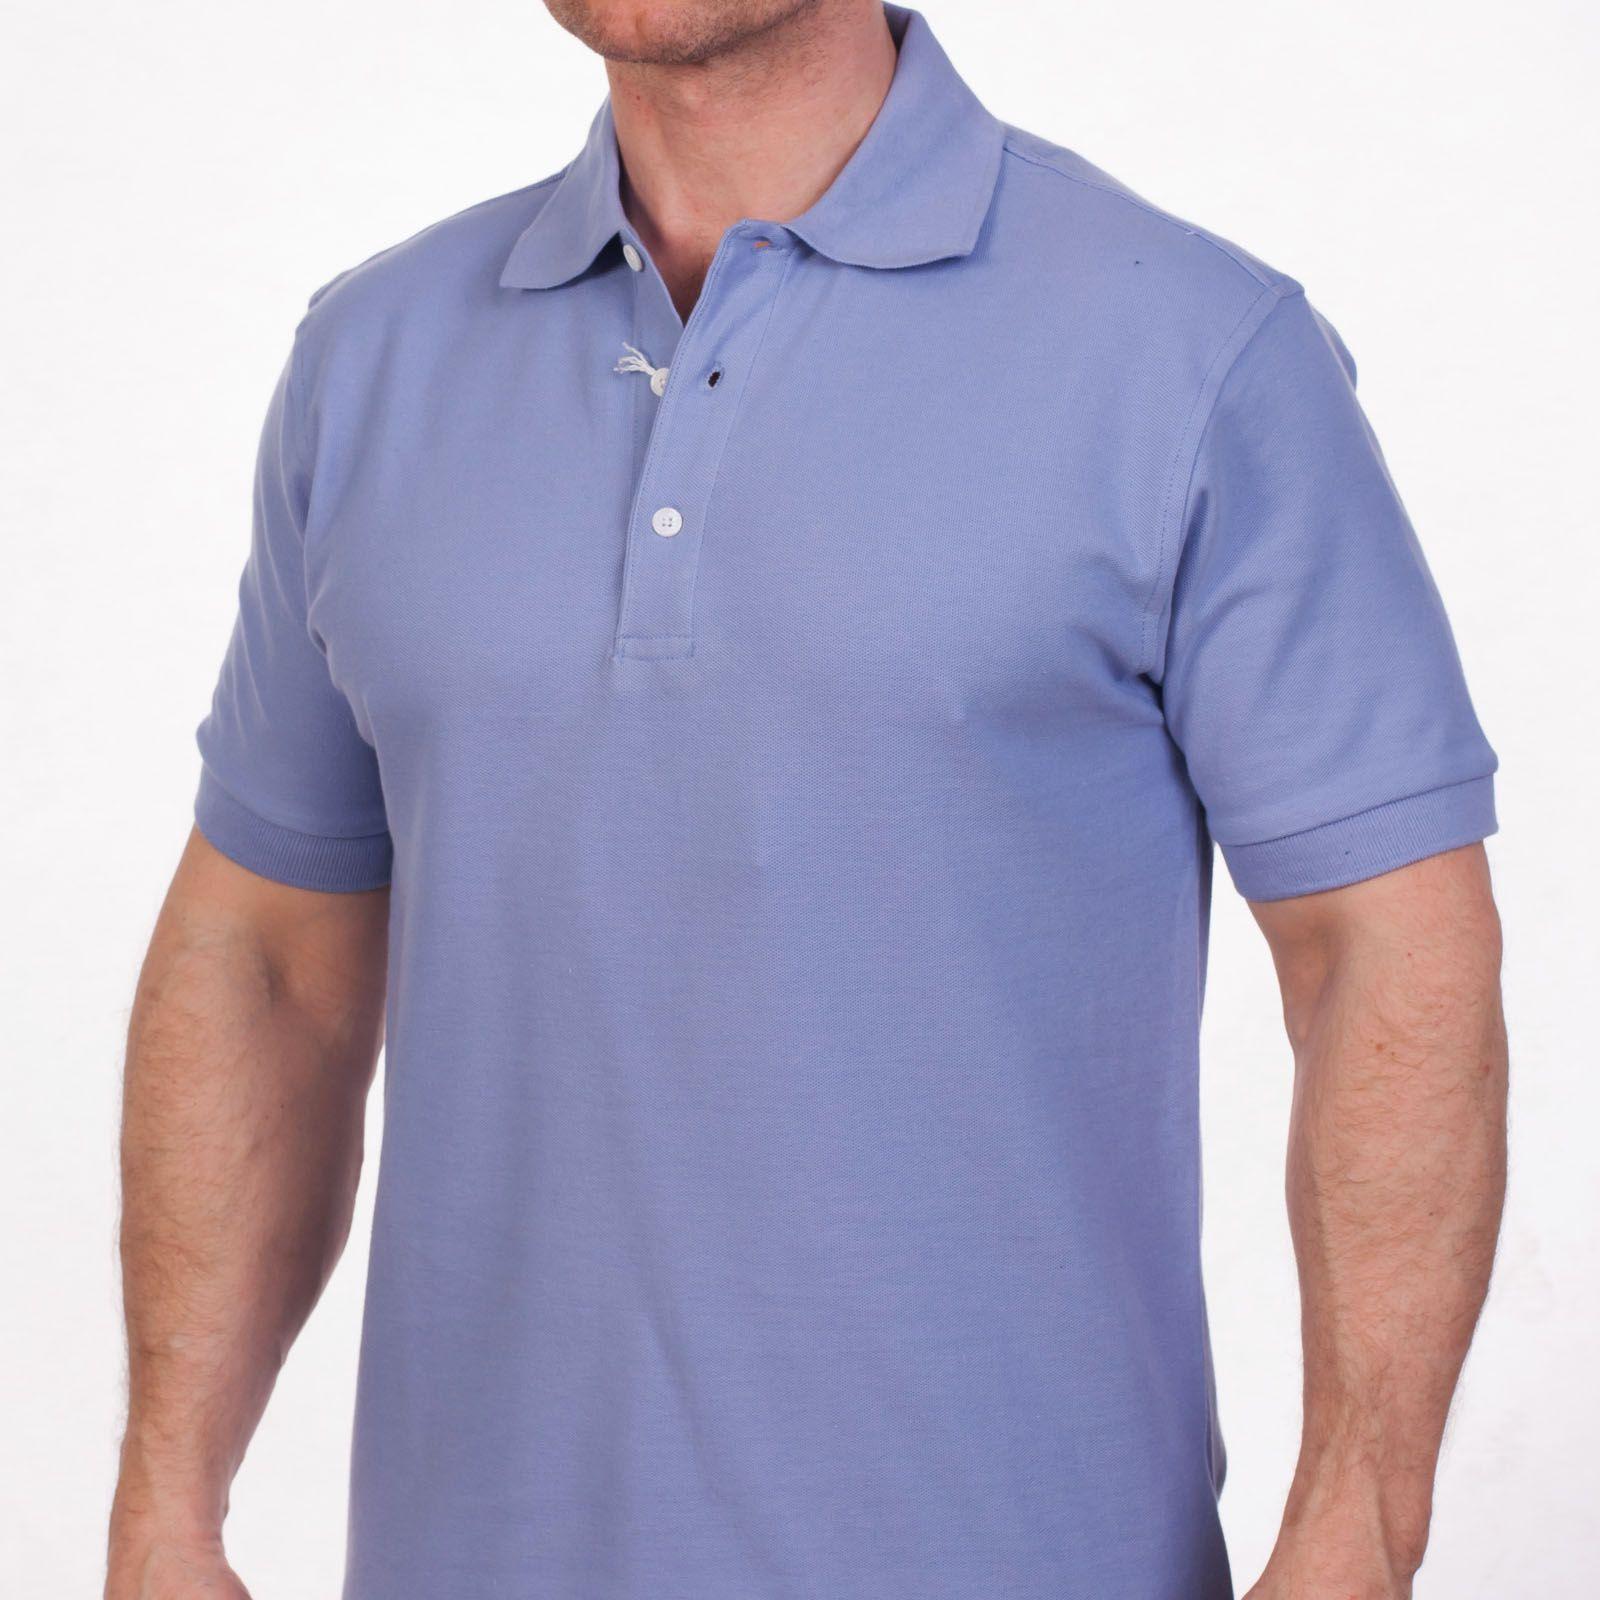 Недорогие рубашки поло однотонные